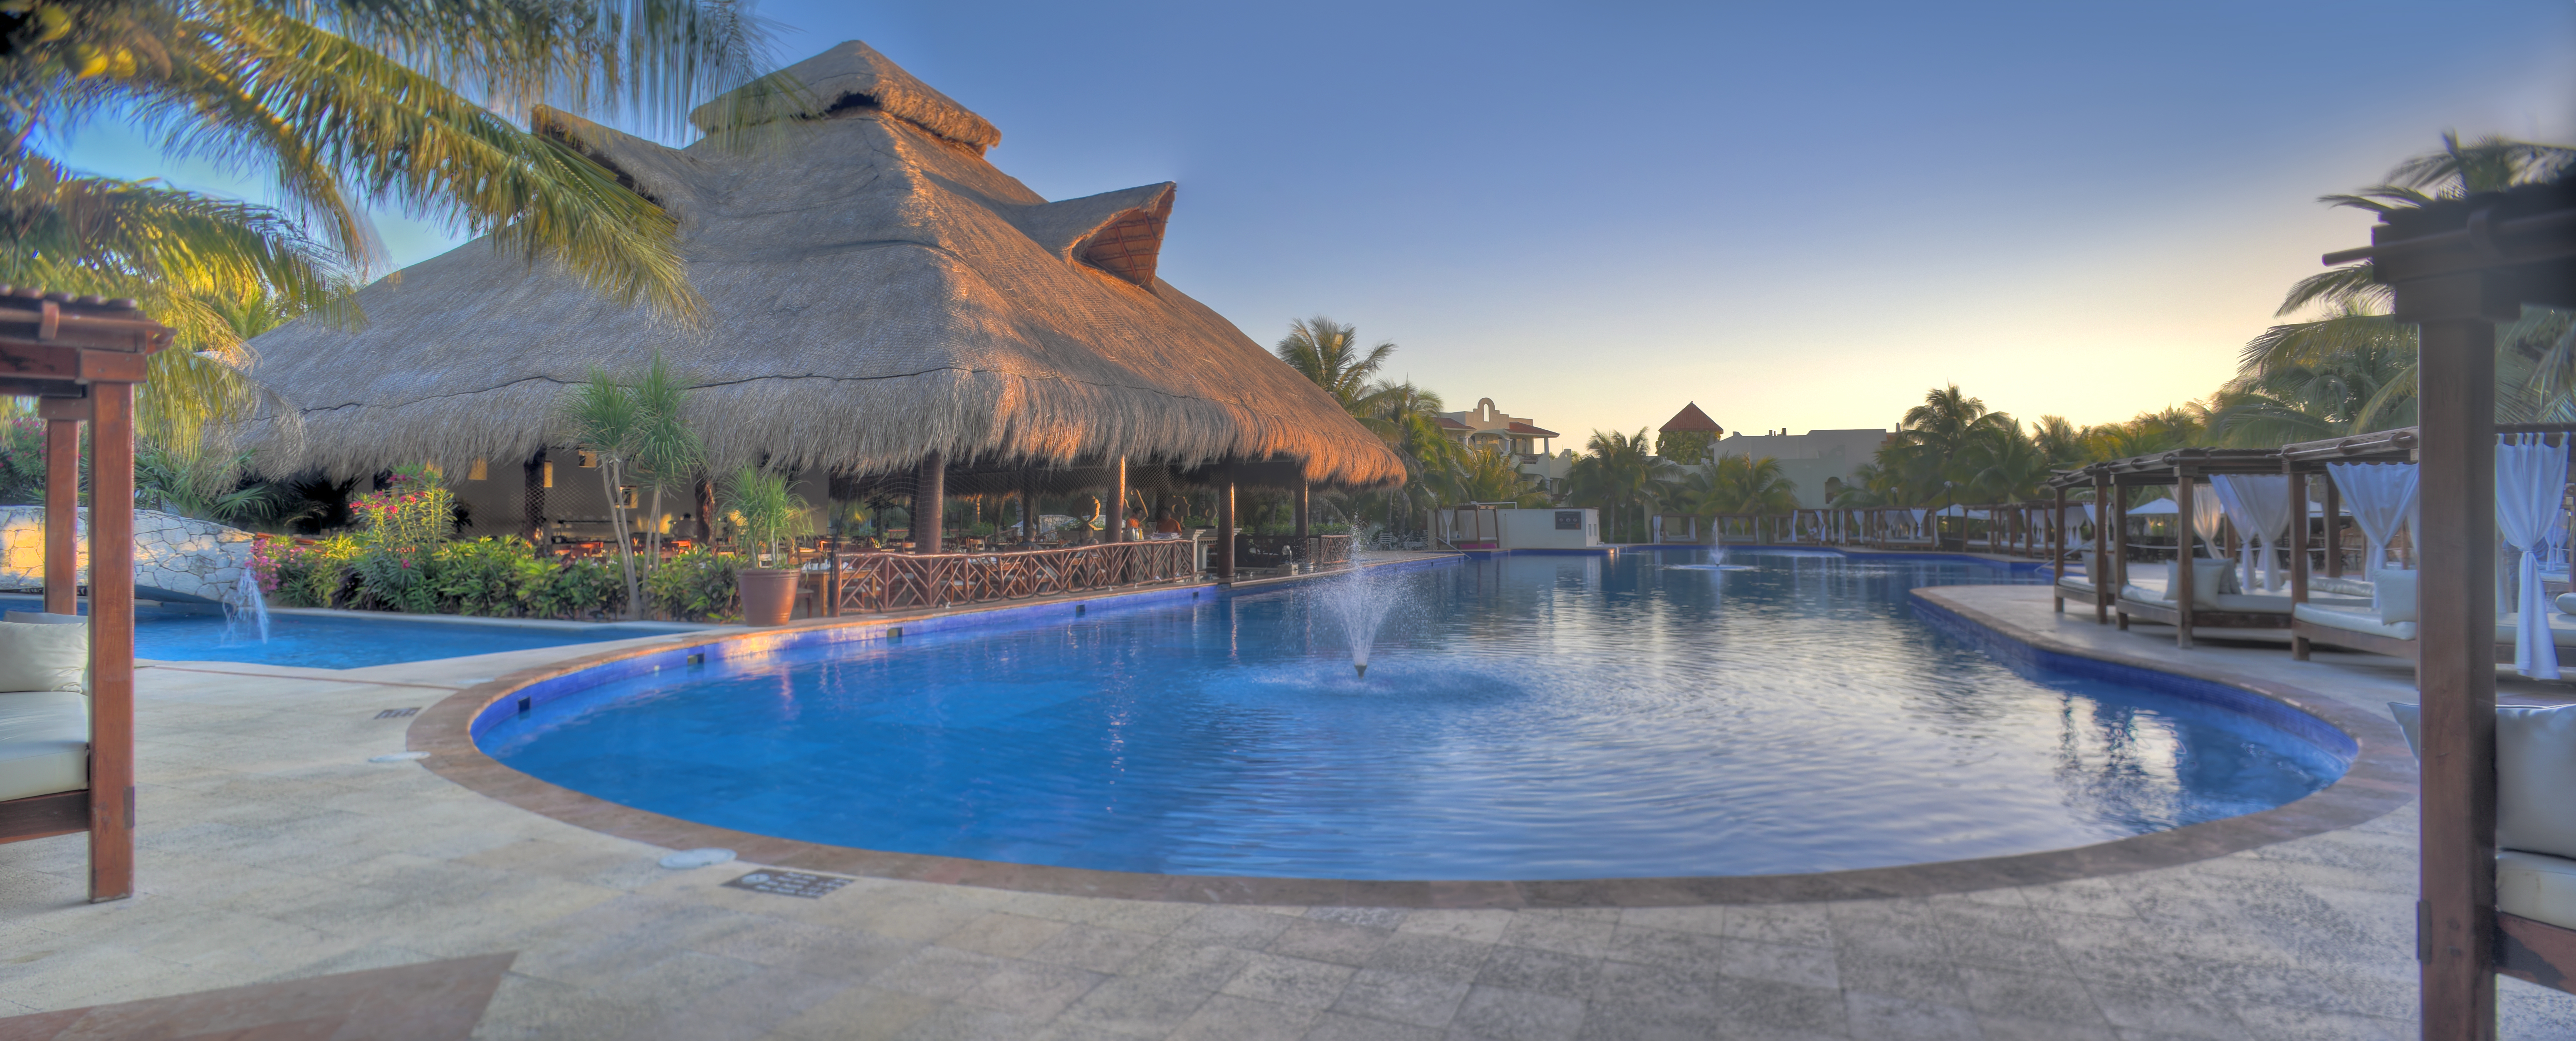 Travel Agency All-Inclusive Resort El Dorado Royale 09